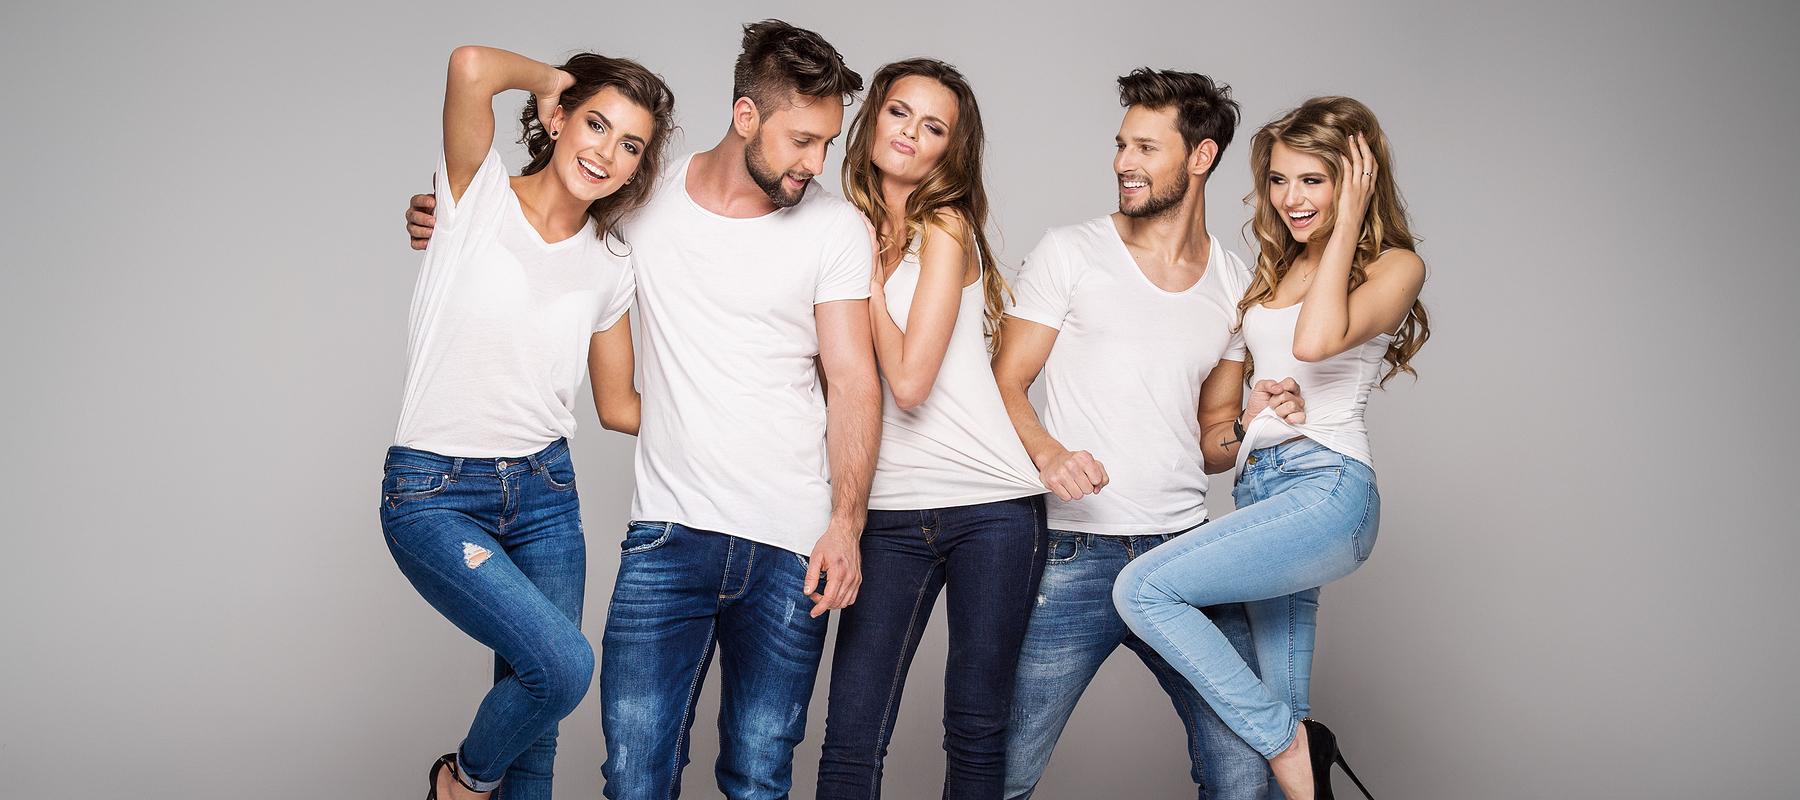 Home attitudes salon tanning spa boutique for A new attitude salon